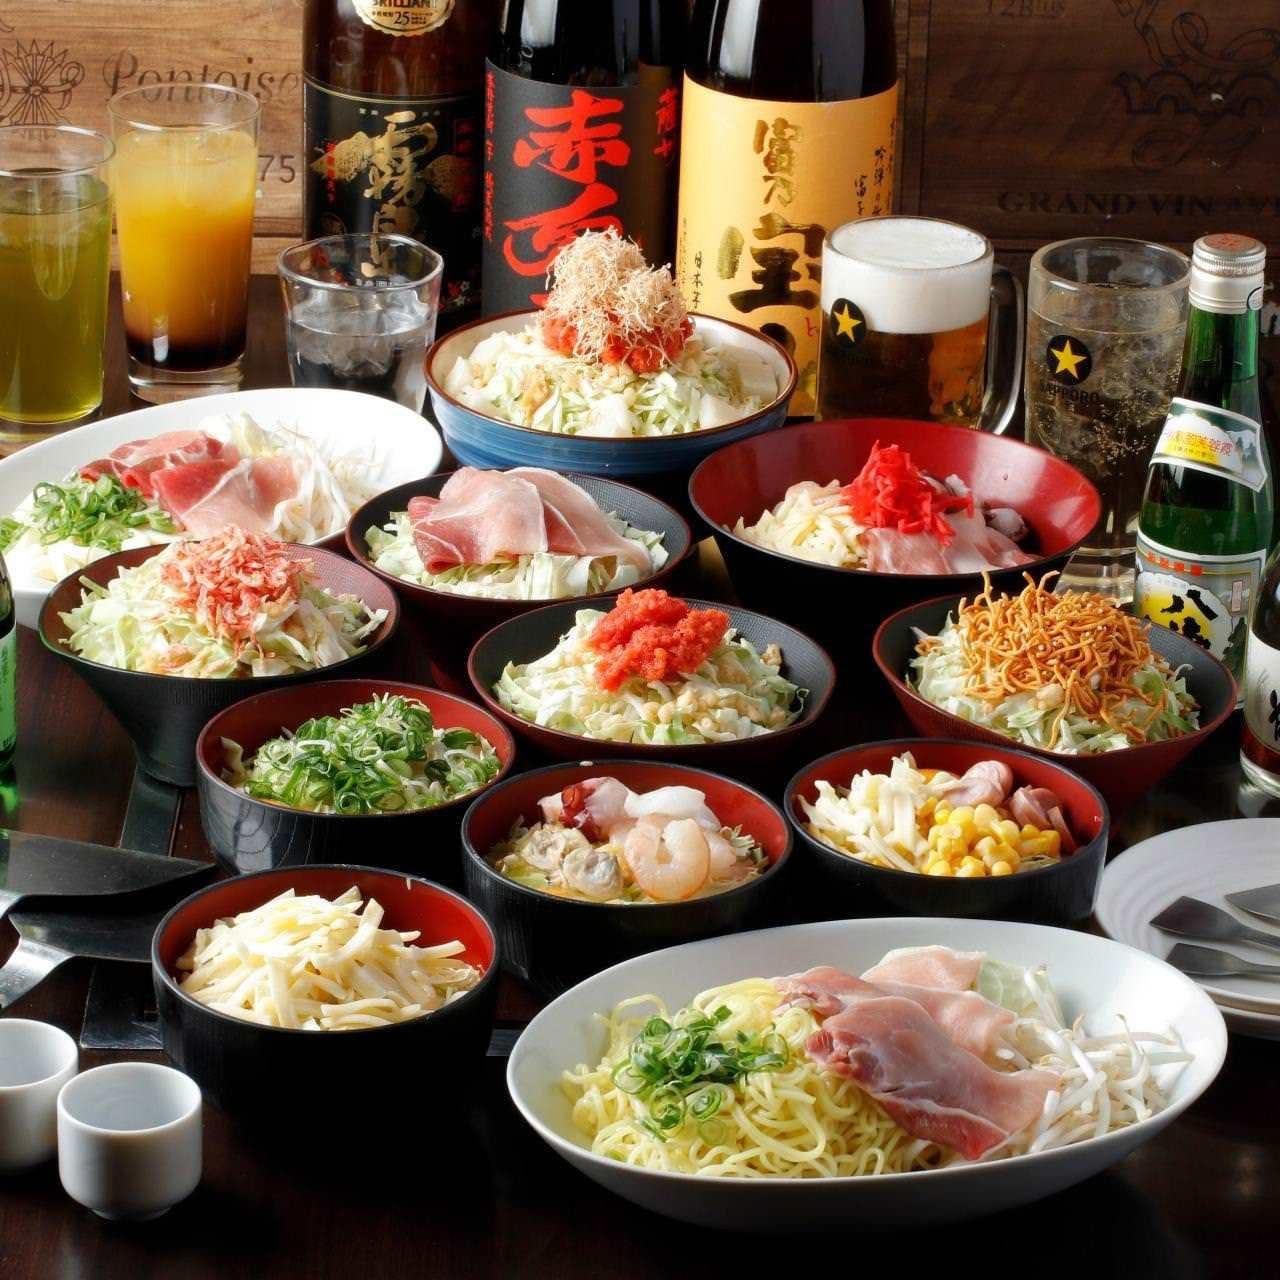 お腹も心も大満足間違いなしの食べ飲み放題コースがおすすめ